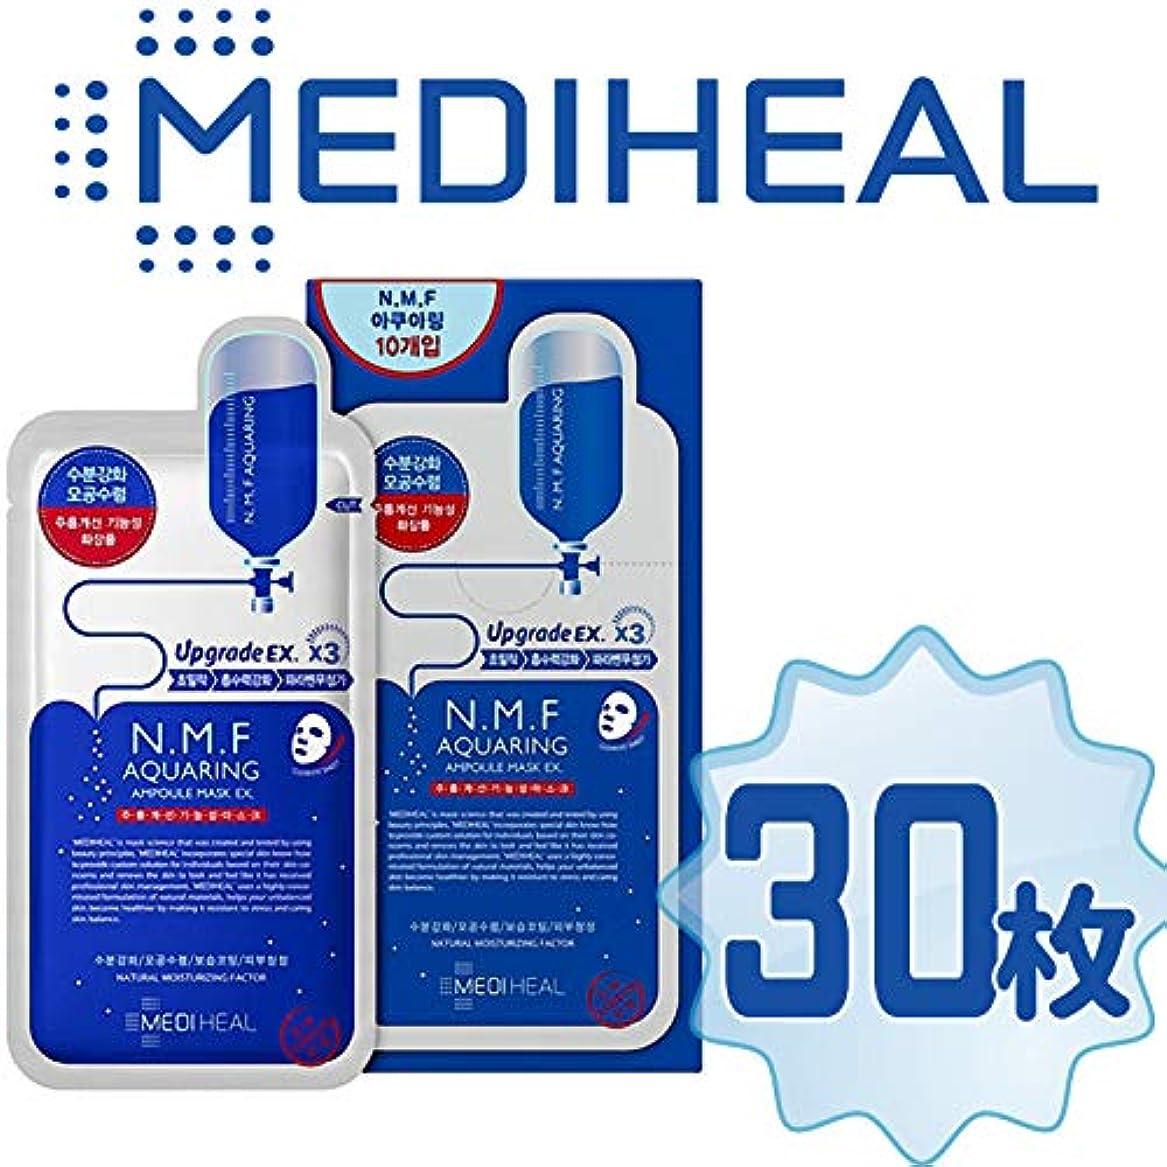 コックキャンベラ縁石【正規輸入品】Mediheal メディヒール N.M.F アクアリング アンプル?マスクパックEX 10枚入り×3(Aquaring Ampoule Essential Mask PackEX 1box(10sheet)×3